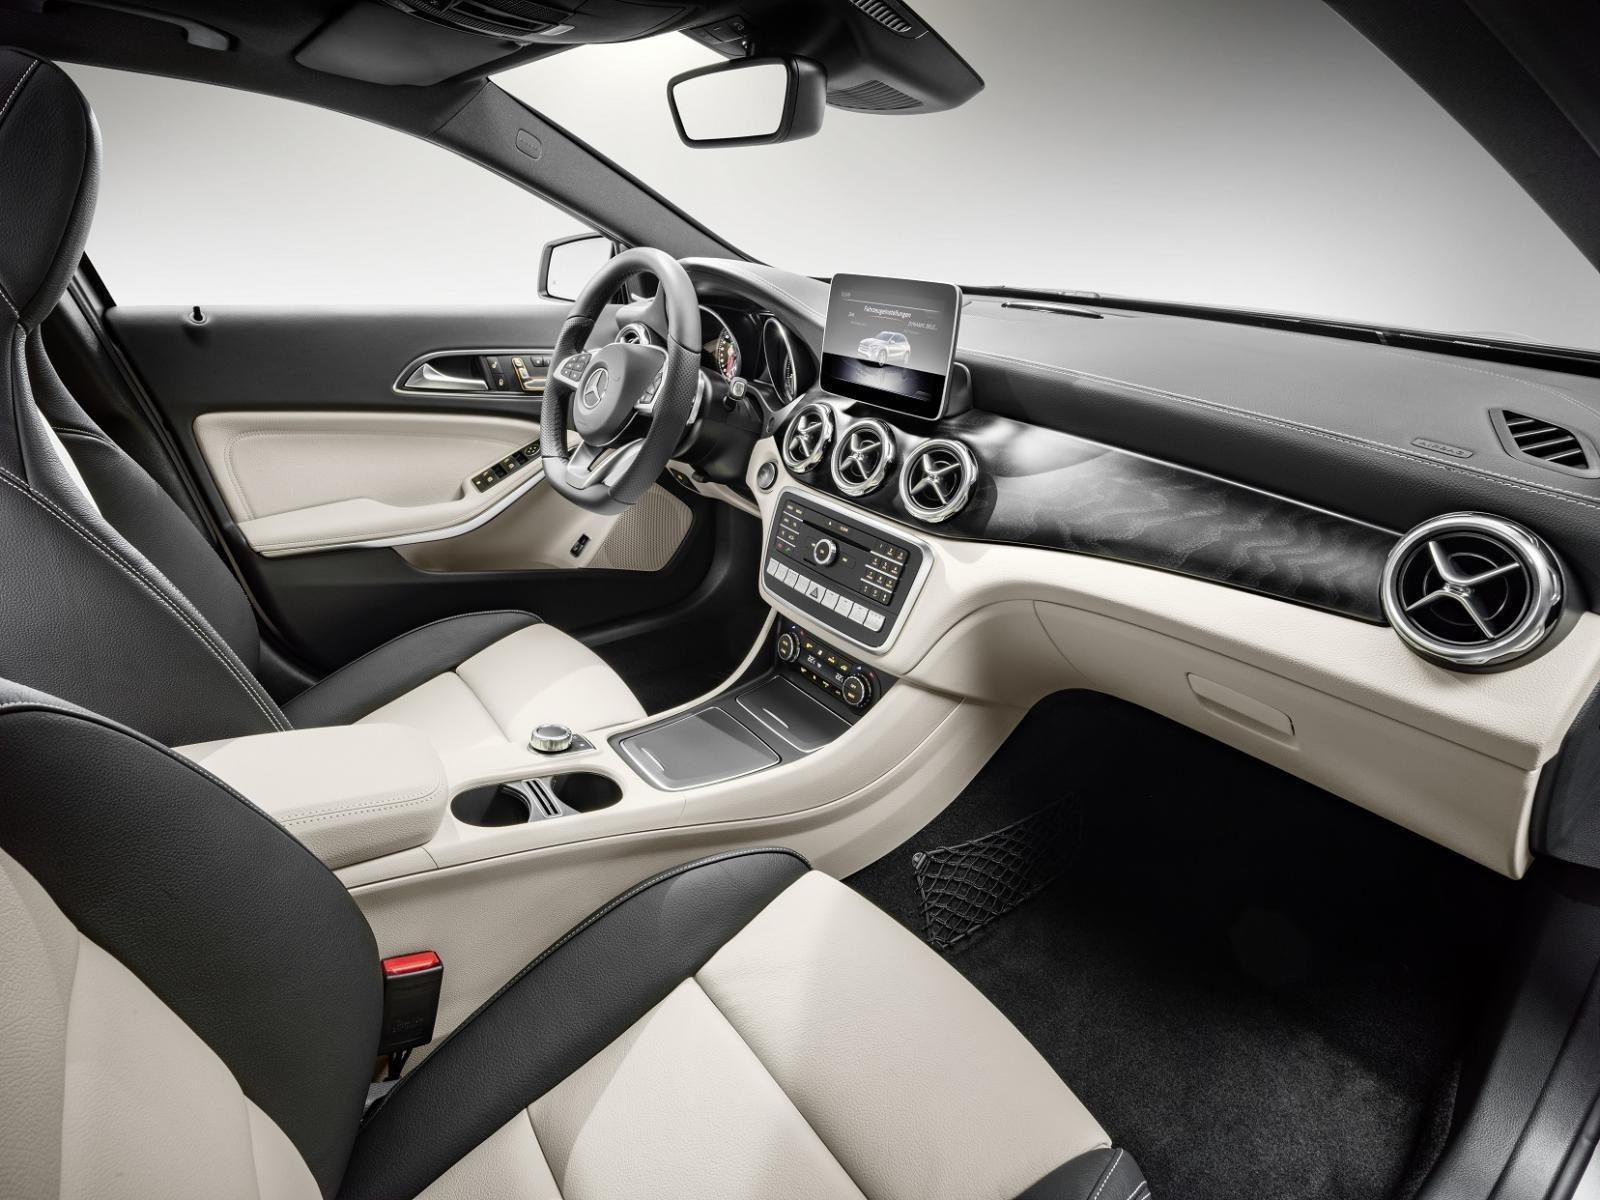 La Mercedes-Benz GLA muestra lujo en su interior